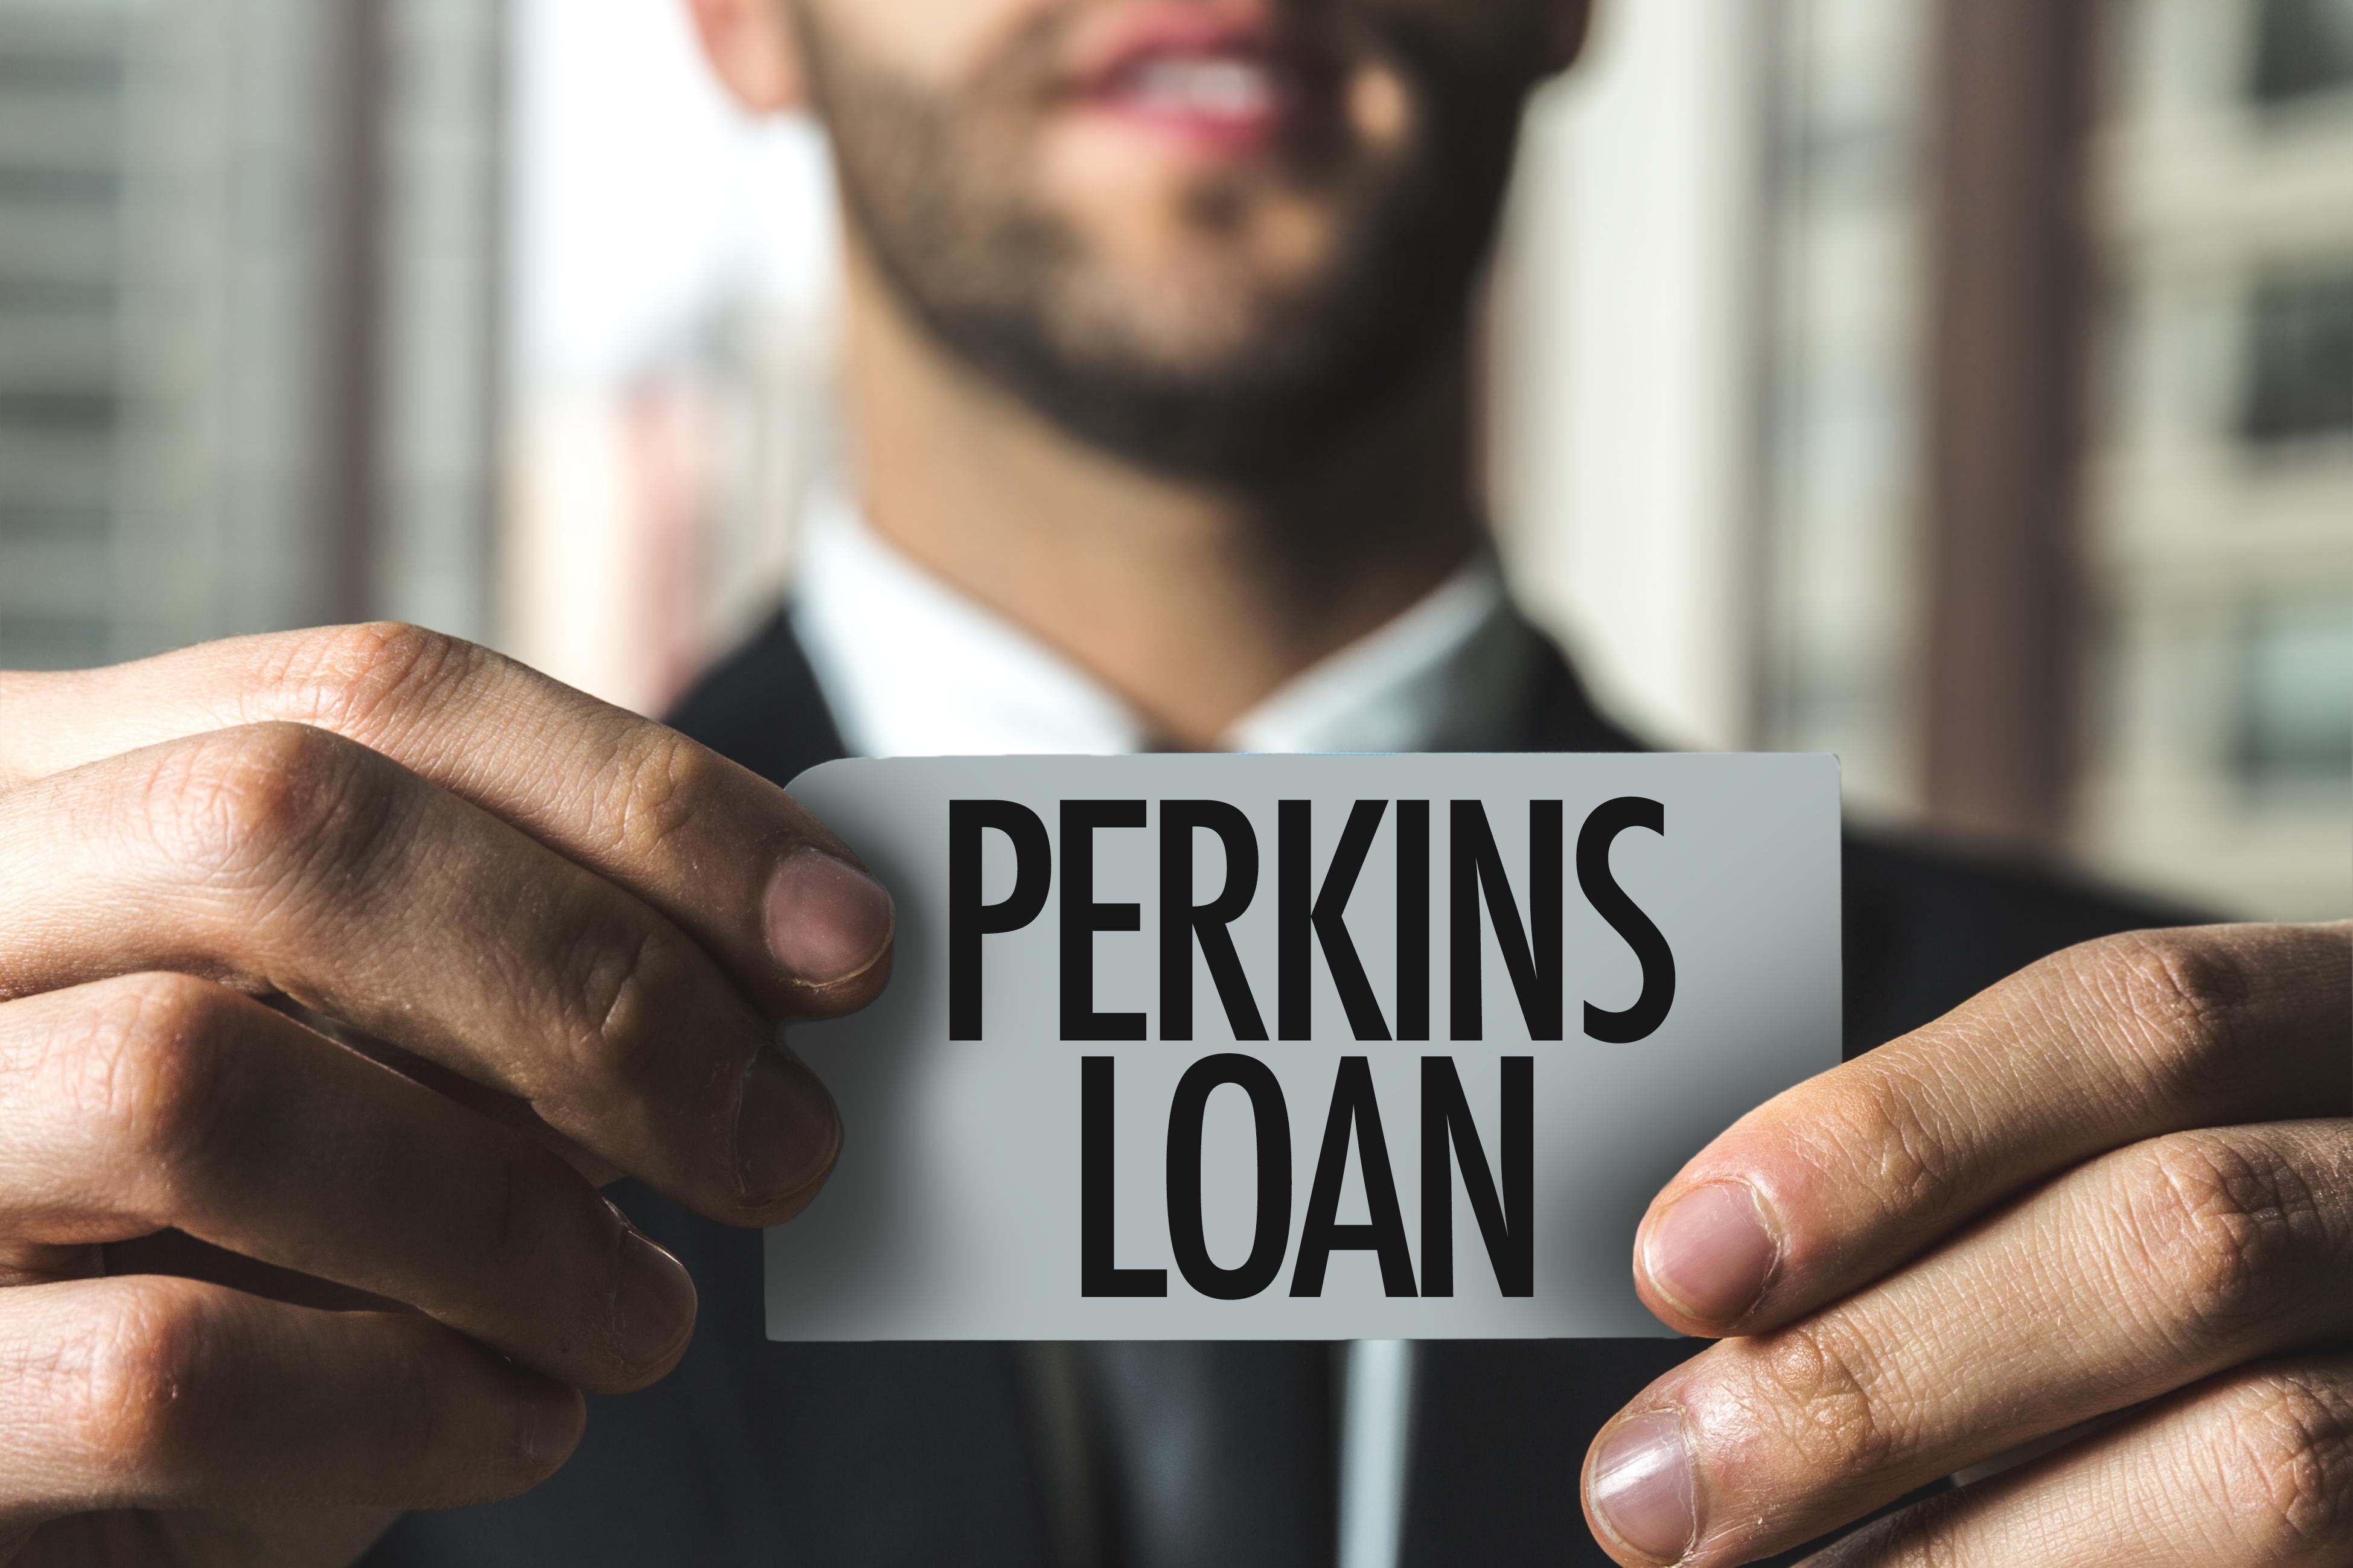 Perkins loans